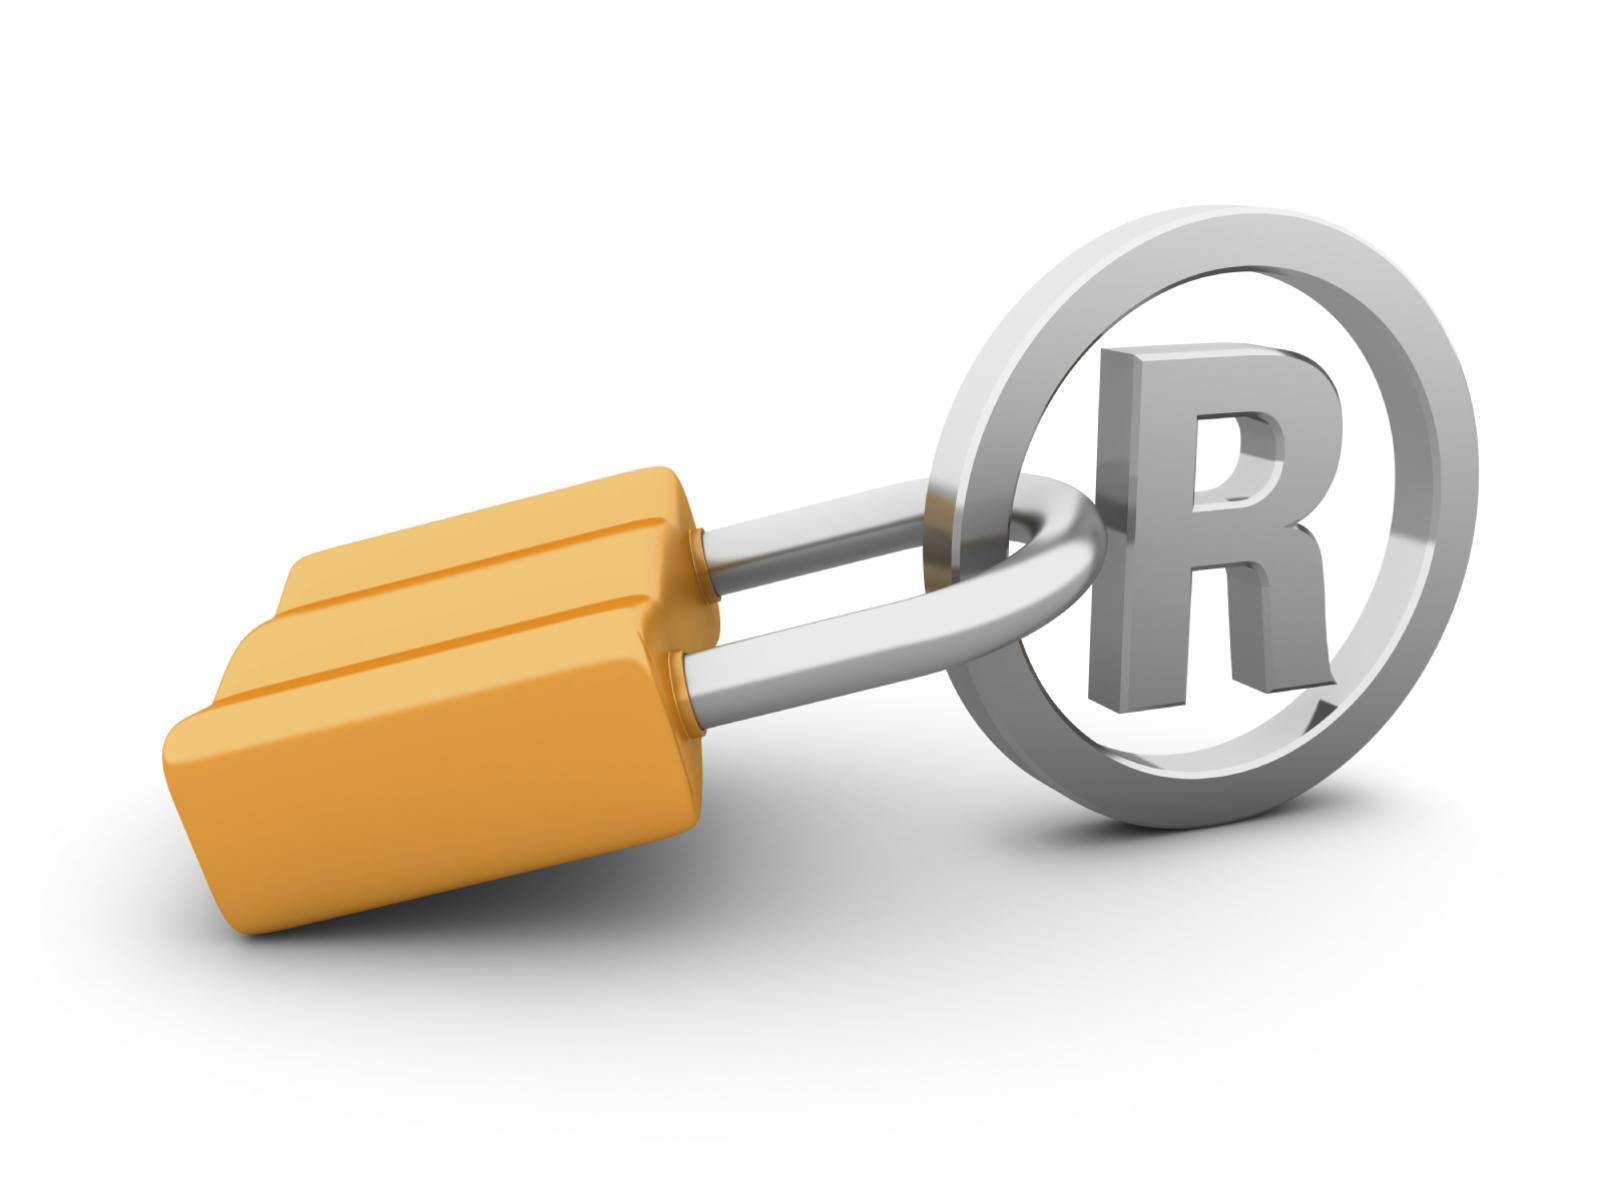 Sua marca não é registrada? Conheça os 5 benefícios de registrar uma marca